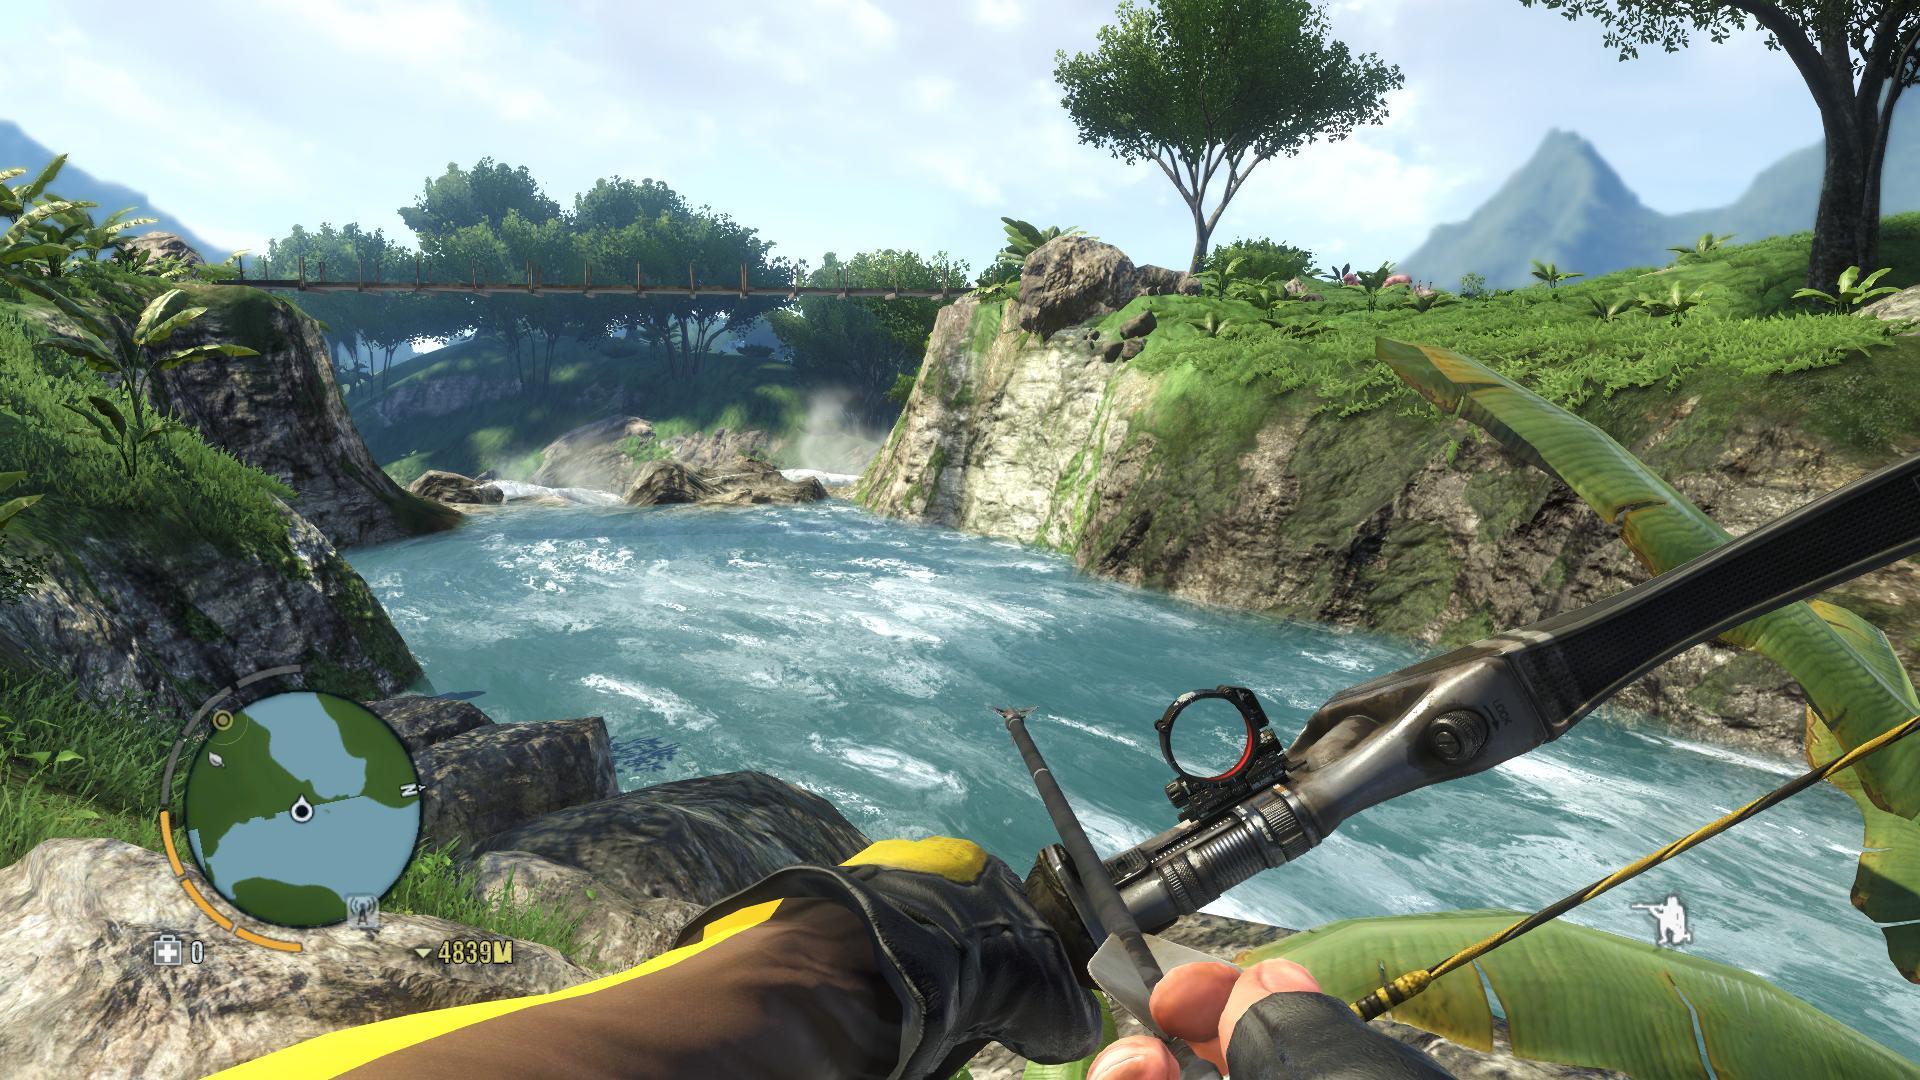 Фото из far cry 2 : Коллекция иллюстраций